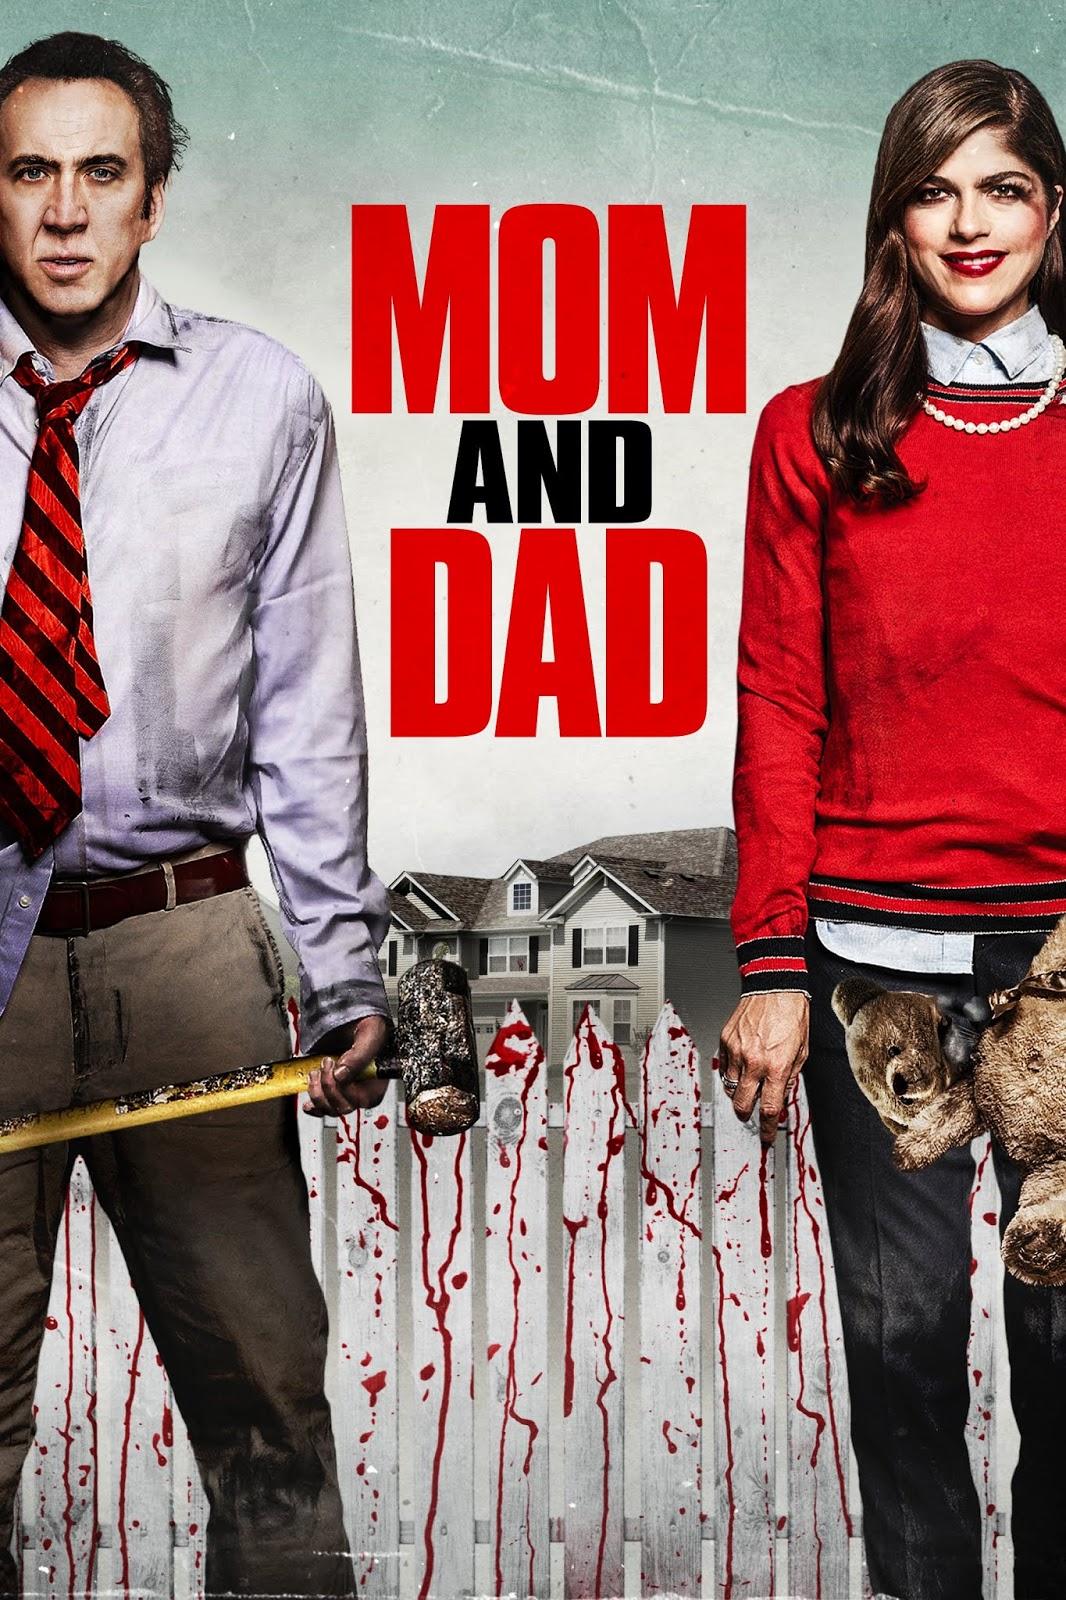 Mom and Dad [2017] [DVD9] [NTSC] [Latino]